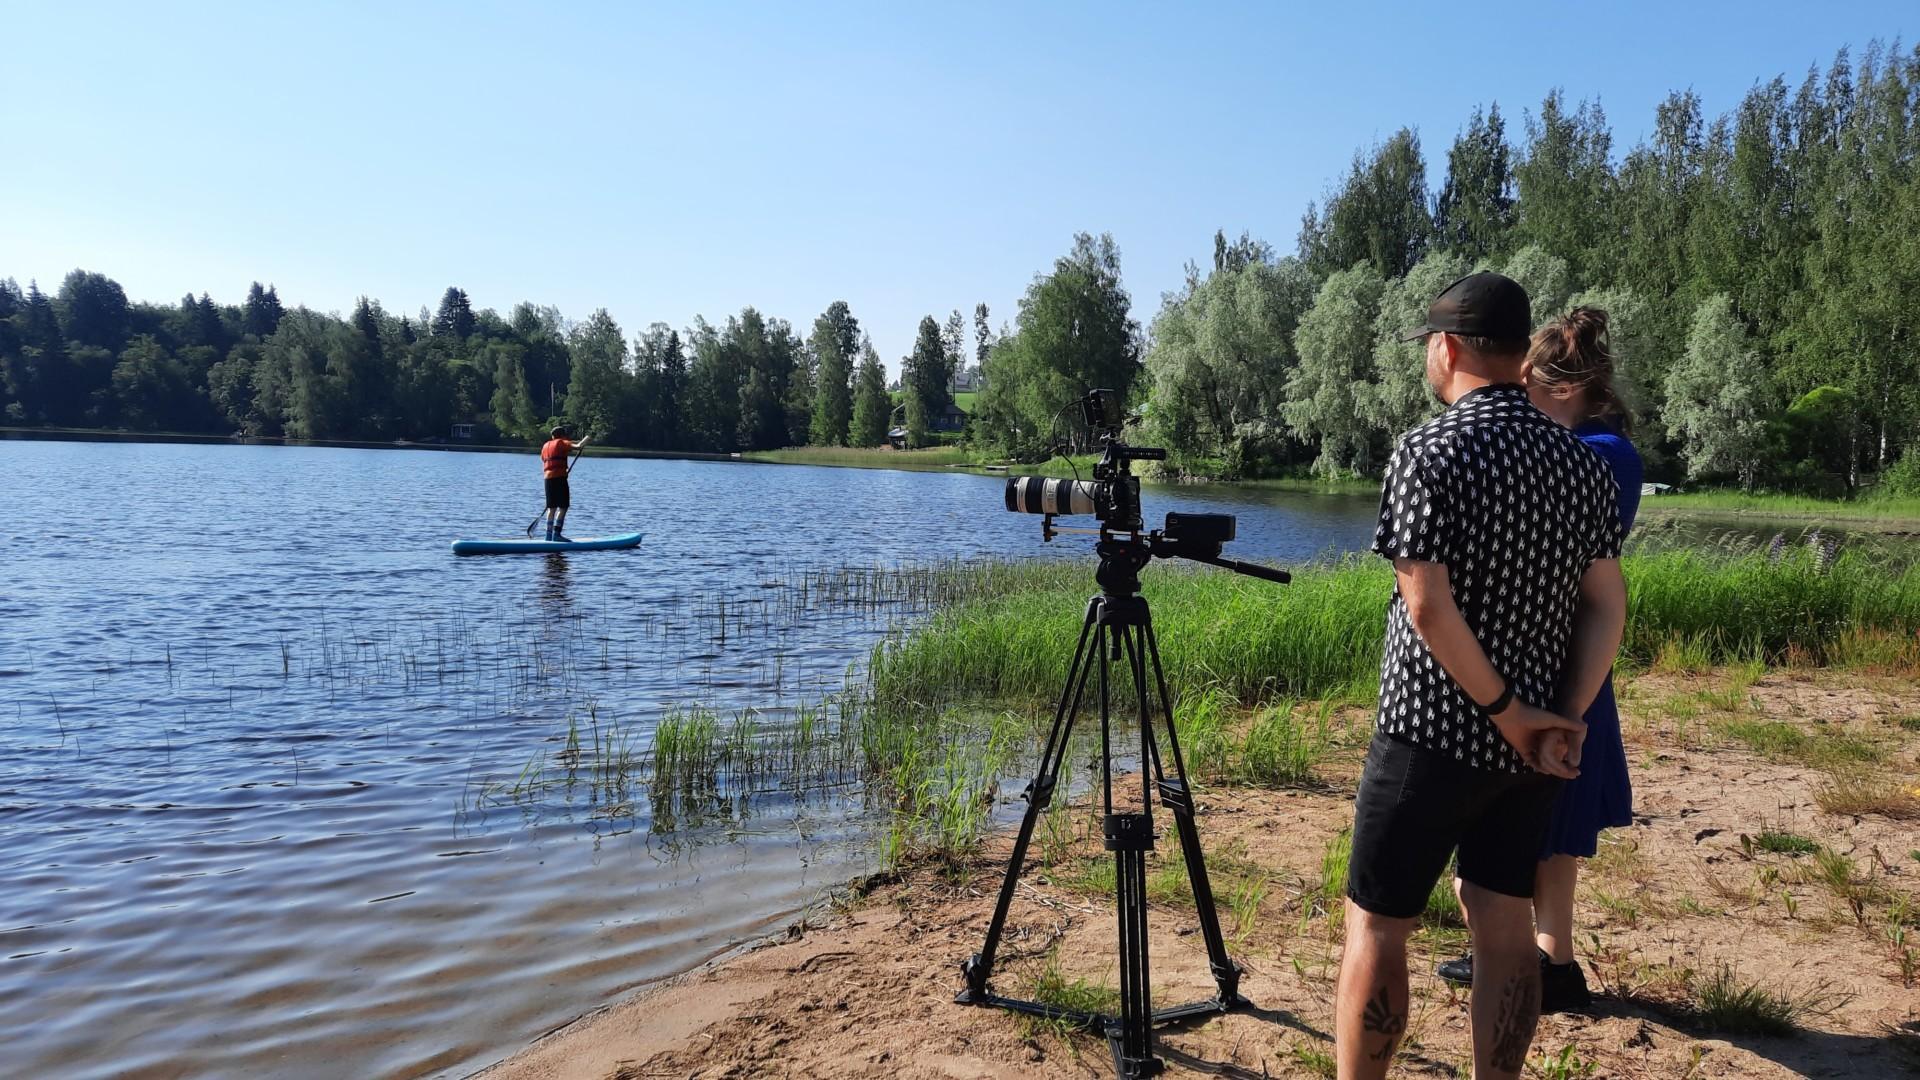 Videokuvaaja ja käsikirjoittaja tekemässä Oriveden kaupungin mainosvideon kuvausta Pitkäjärven uimarannalla kesällä 2021.